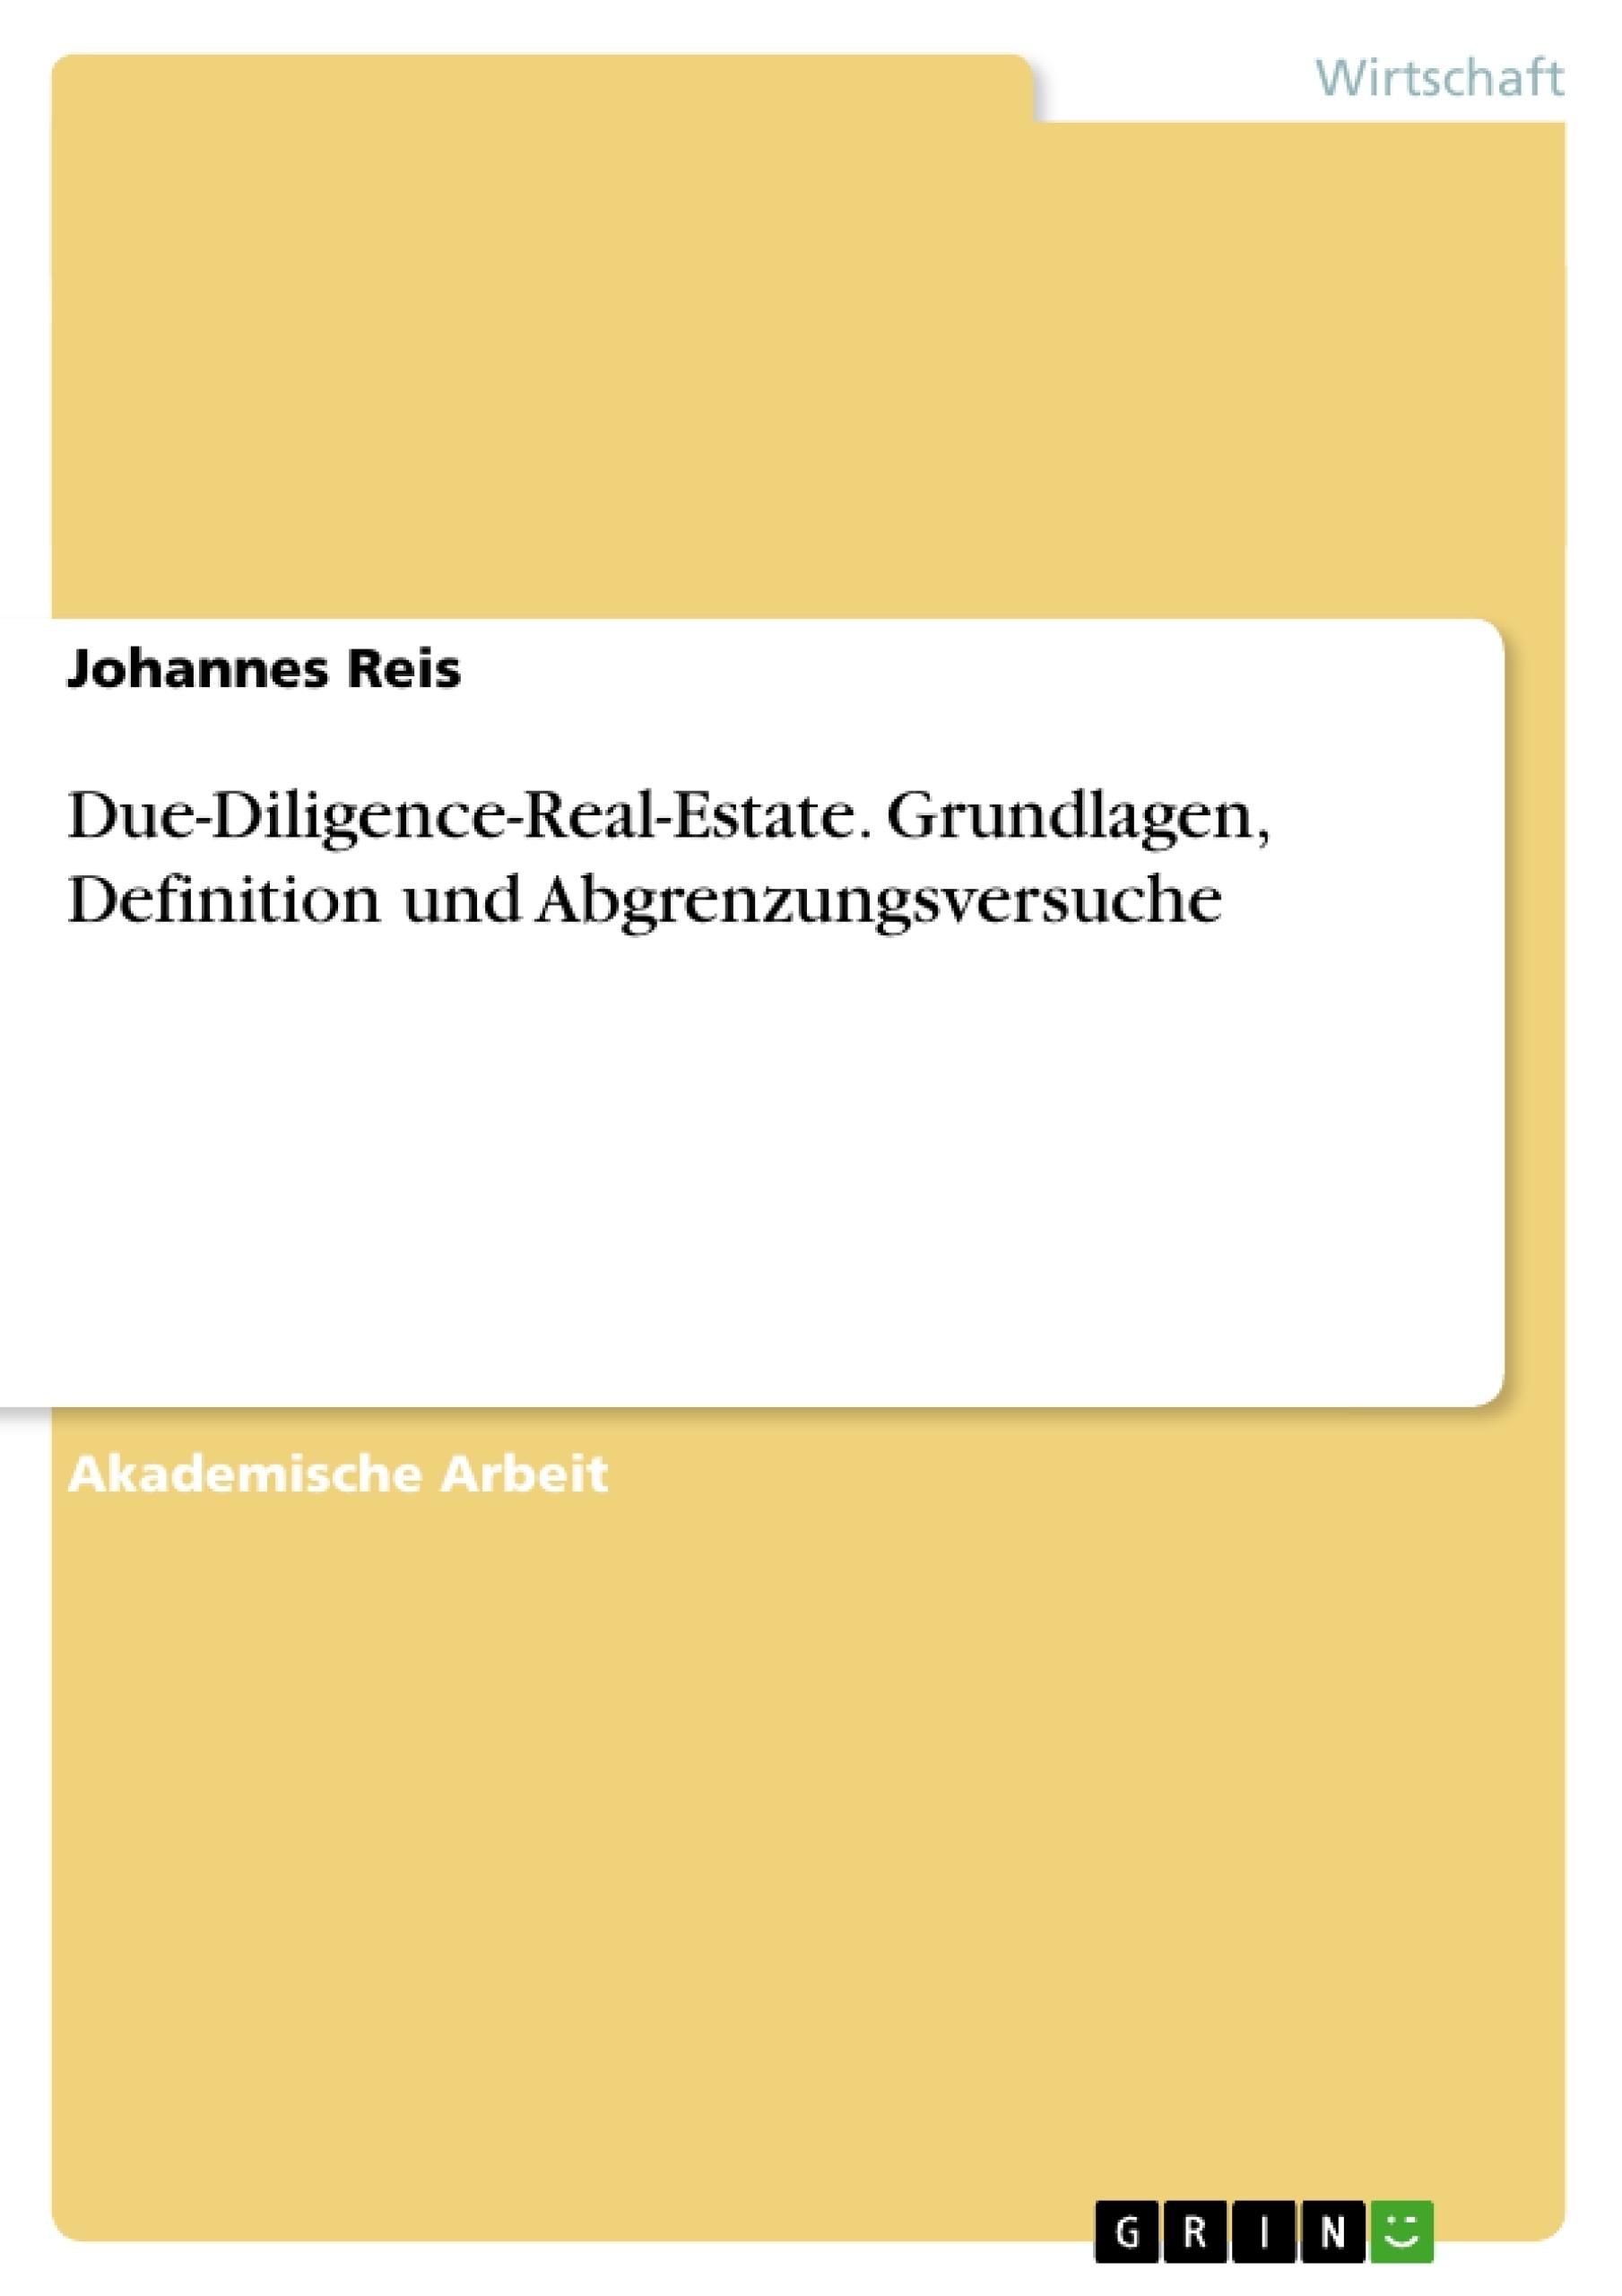 Titel: Due-Diligence-Real-Estate. Grundlagen, Definition und Abgrenzungsversuche